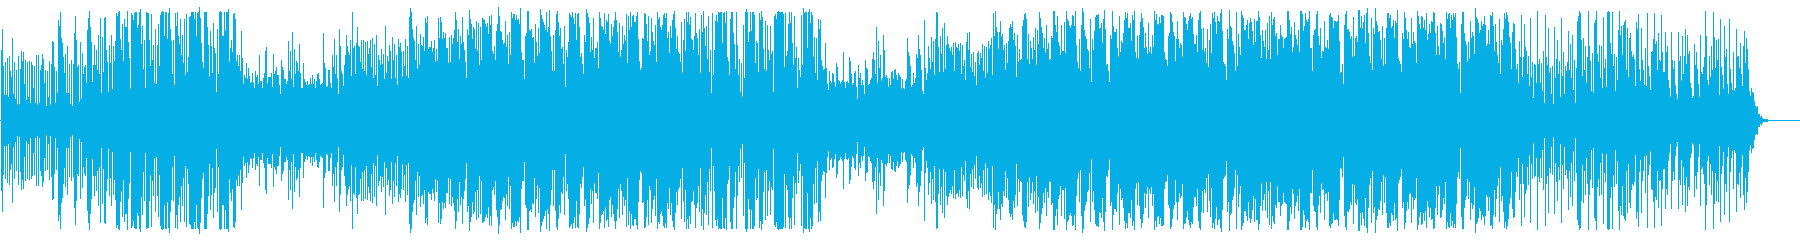 東アジアテイストのゆったりロックの再生済みの波形